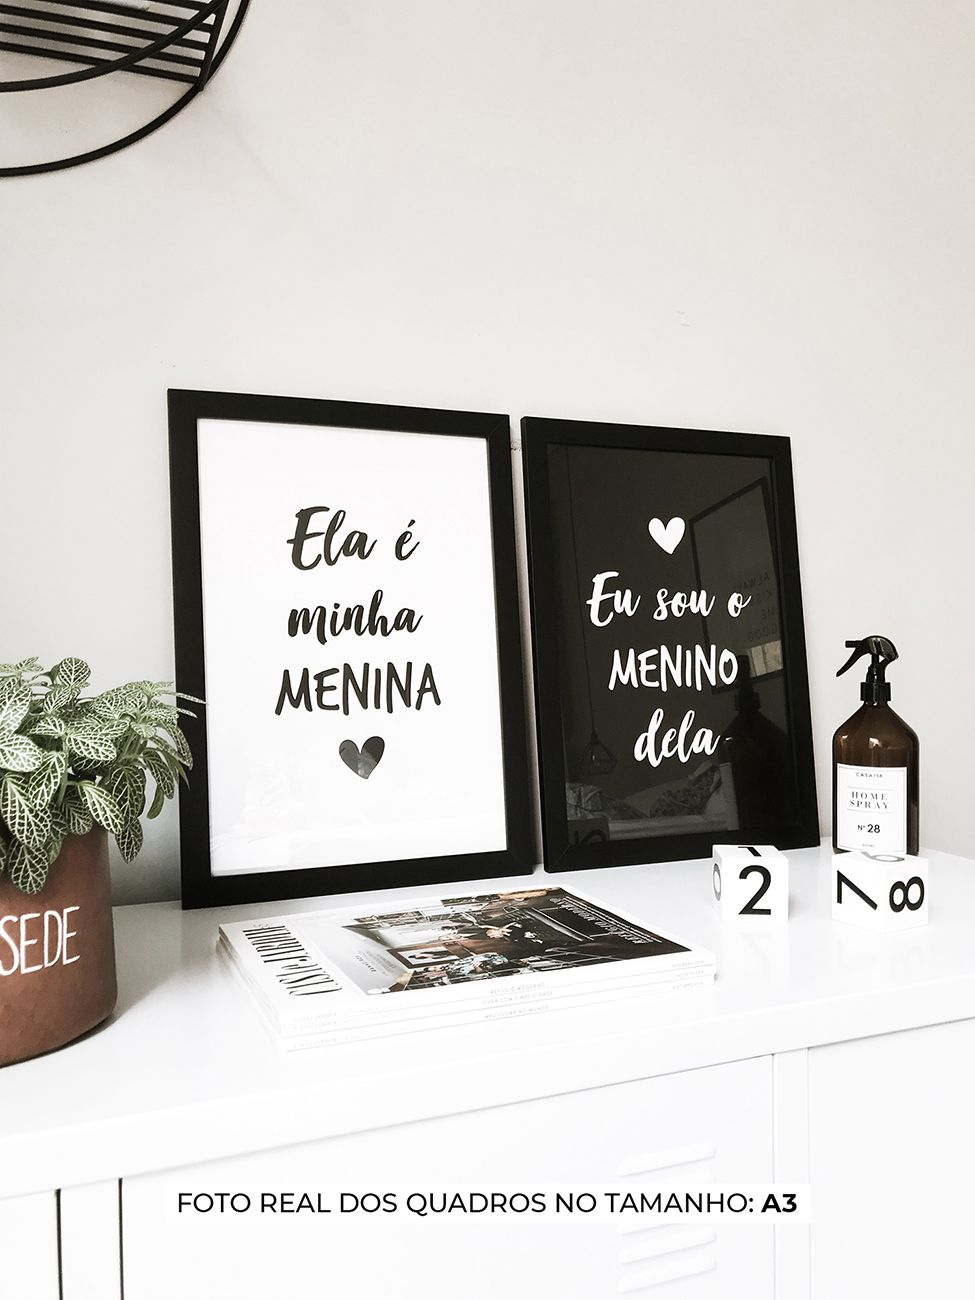 KIT DE QUADROS ELA É MINHA MENINA / EU SOU O MENINO DELA decorativos